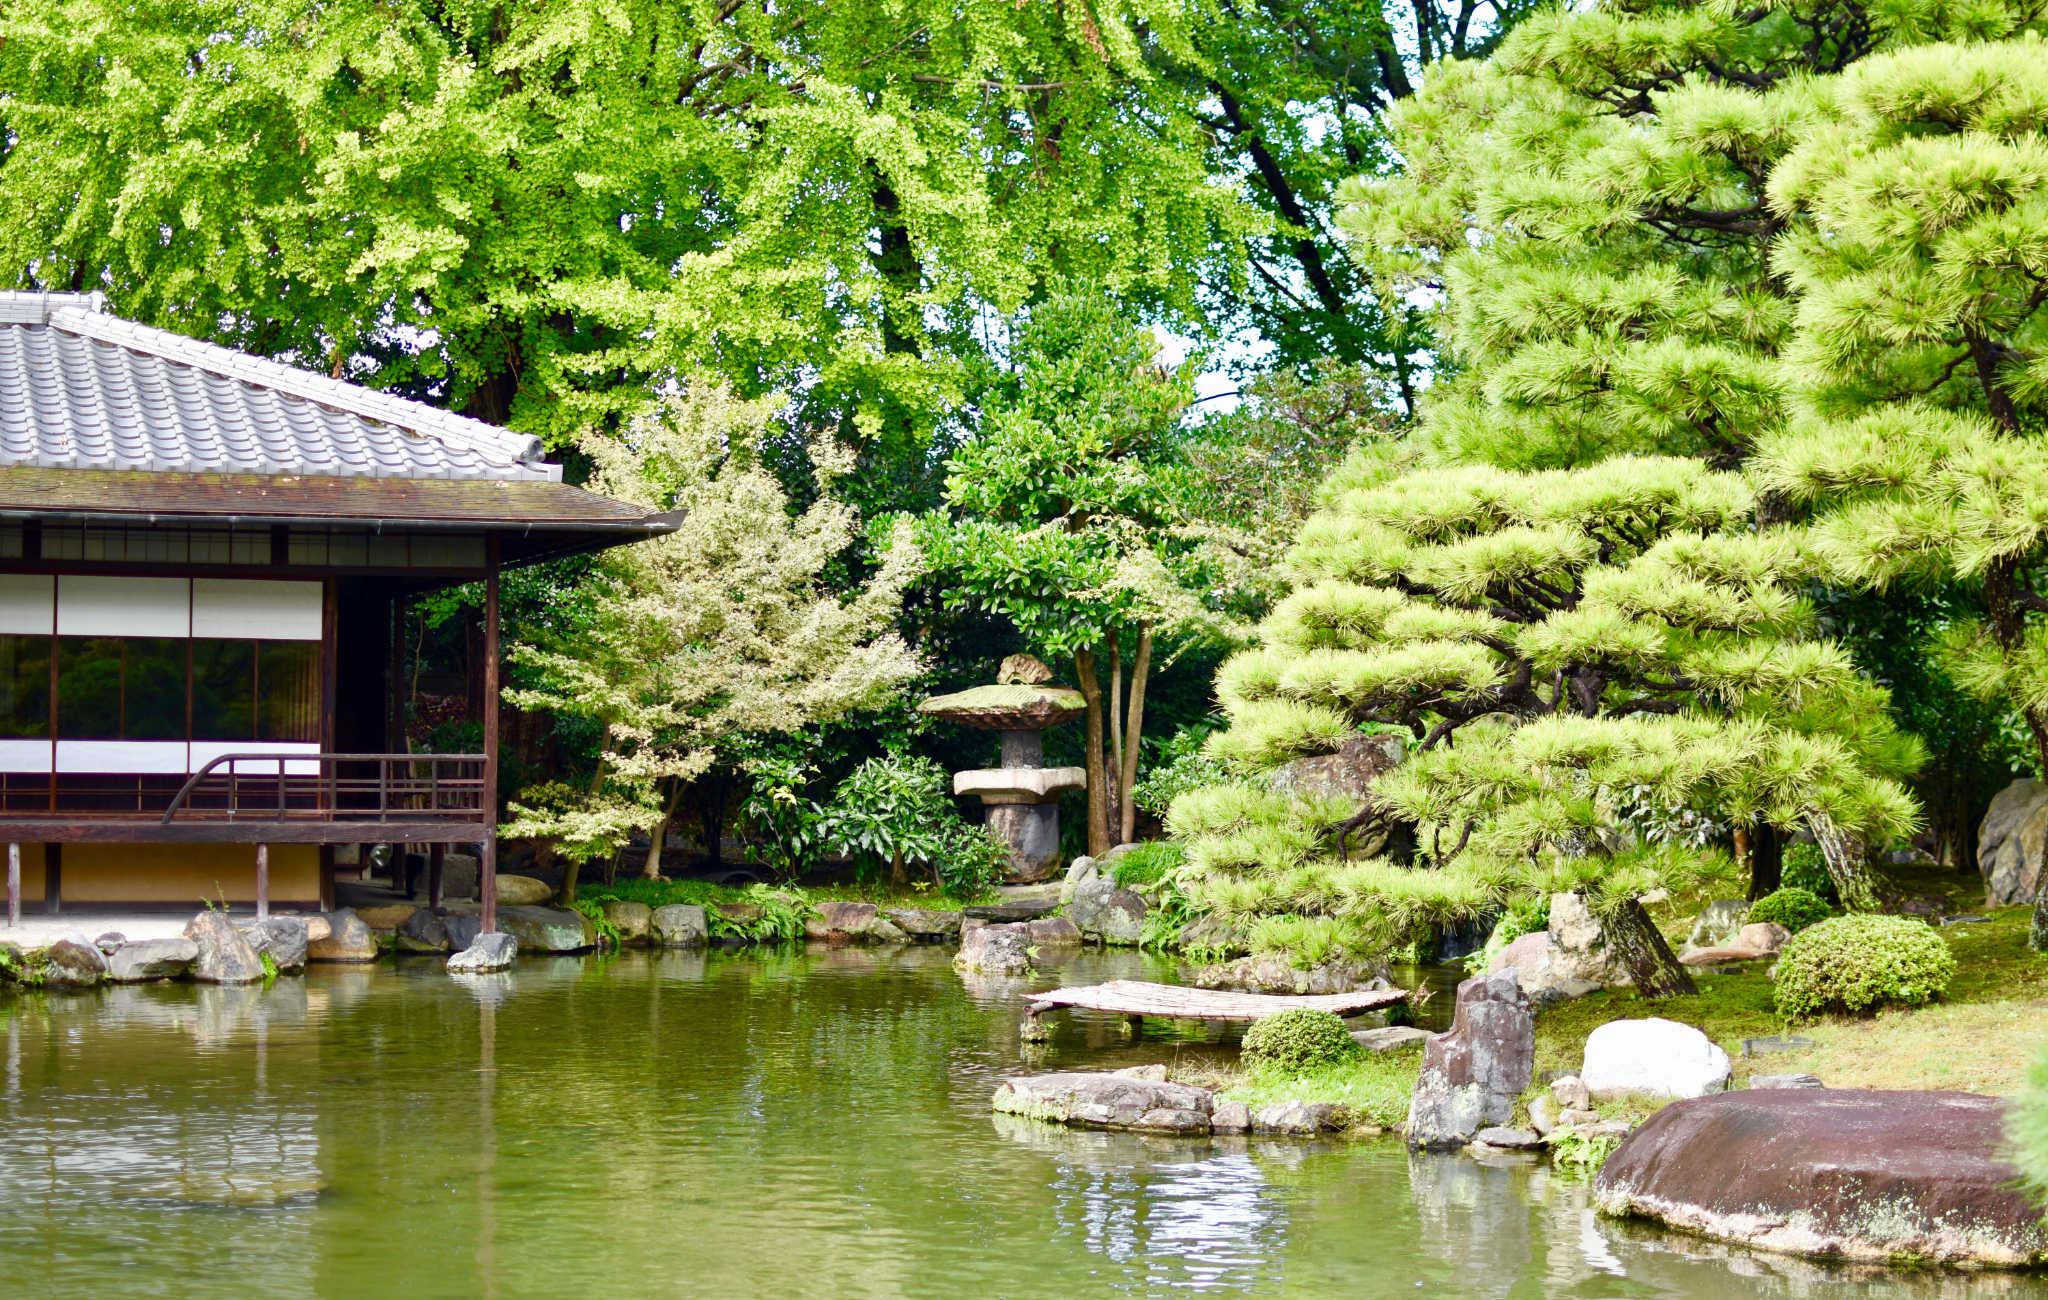 Le jardin Shosei-en et sa maison de thé en font un des plus beaux endroits à visiter